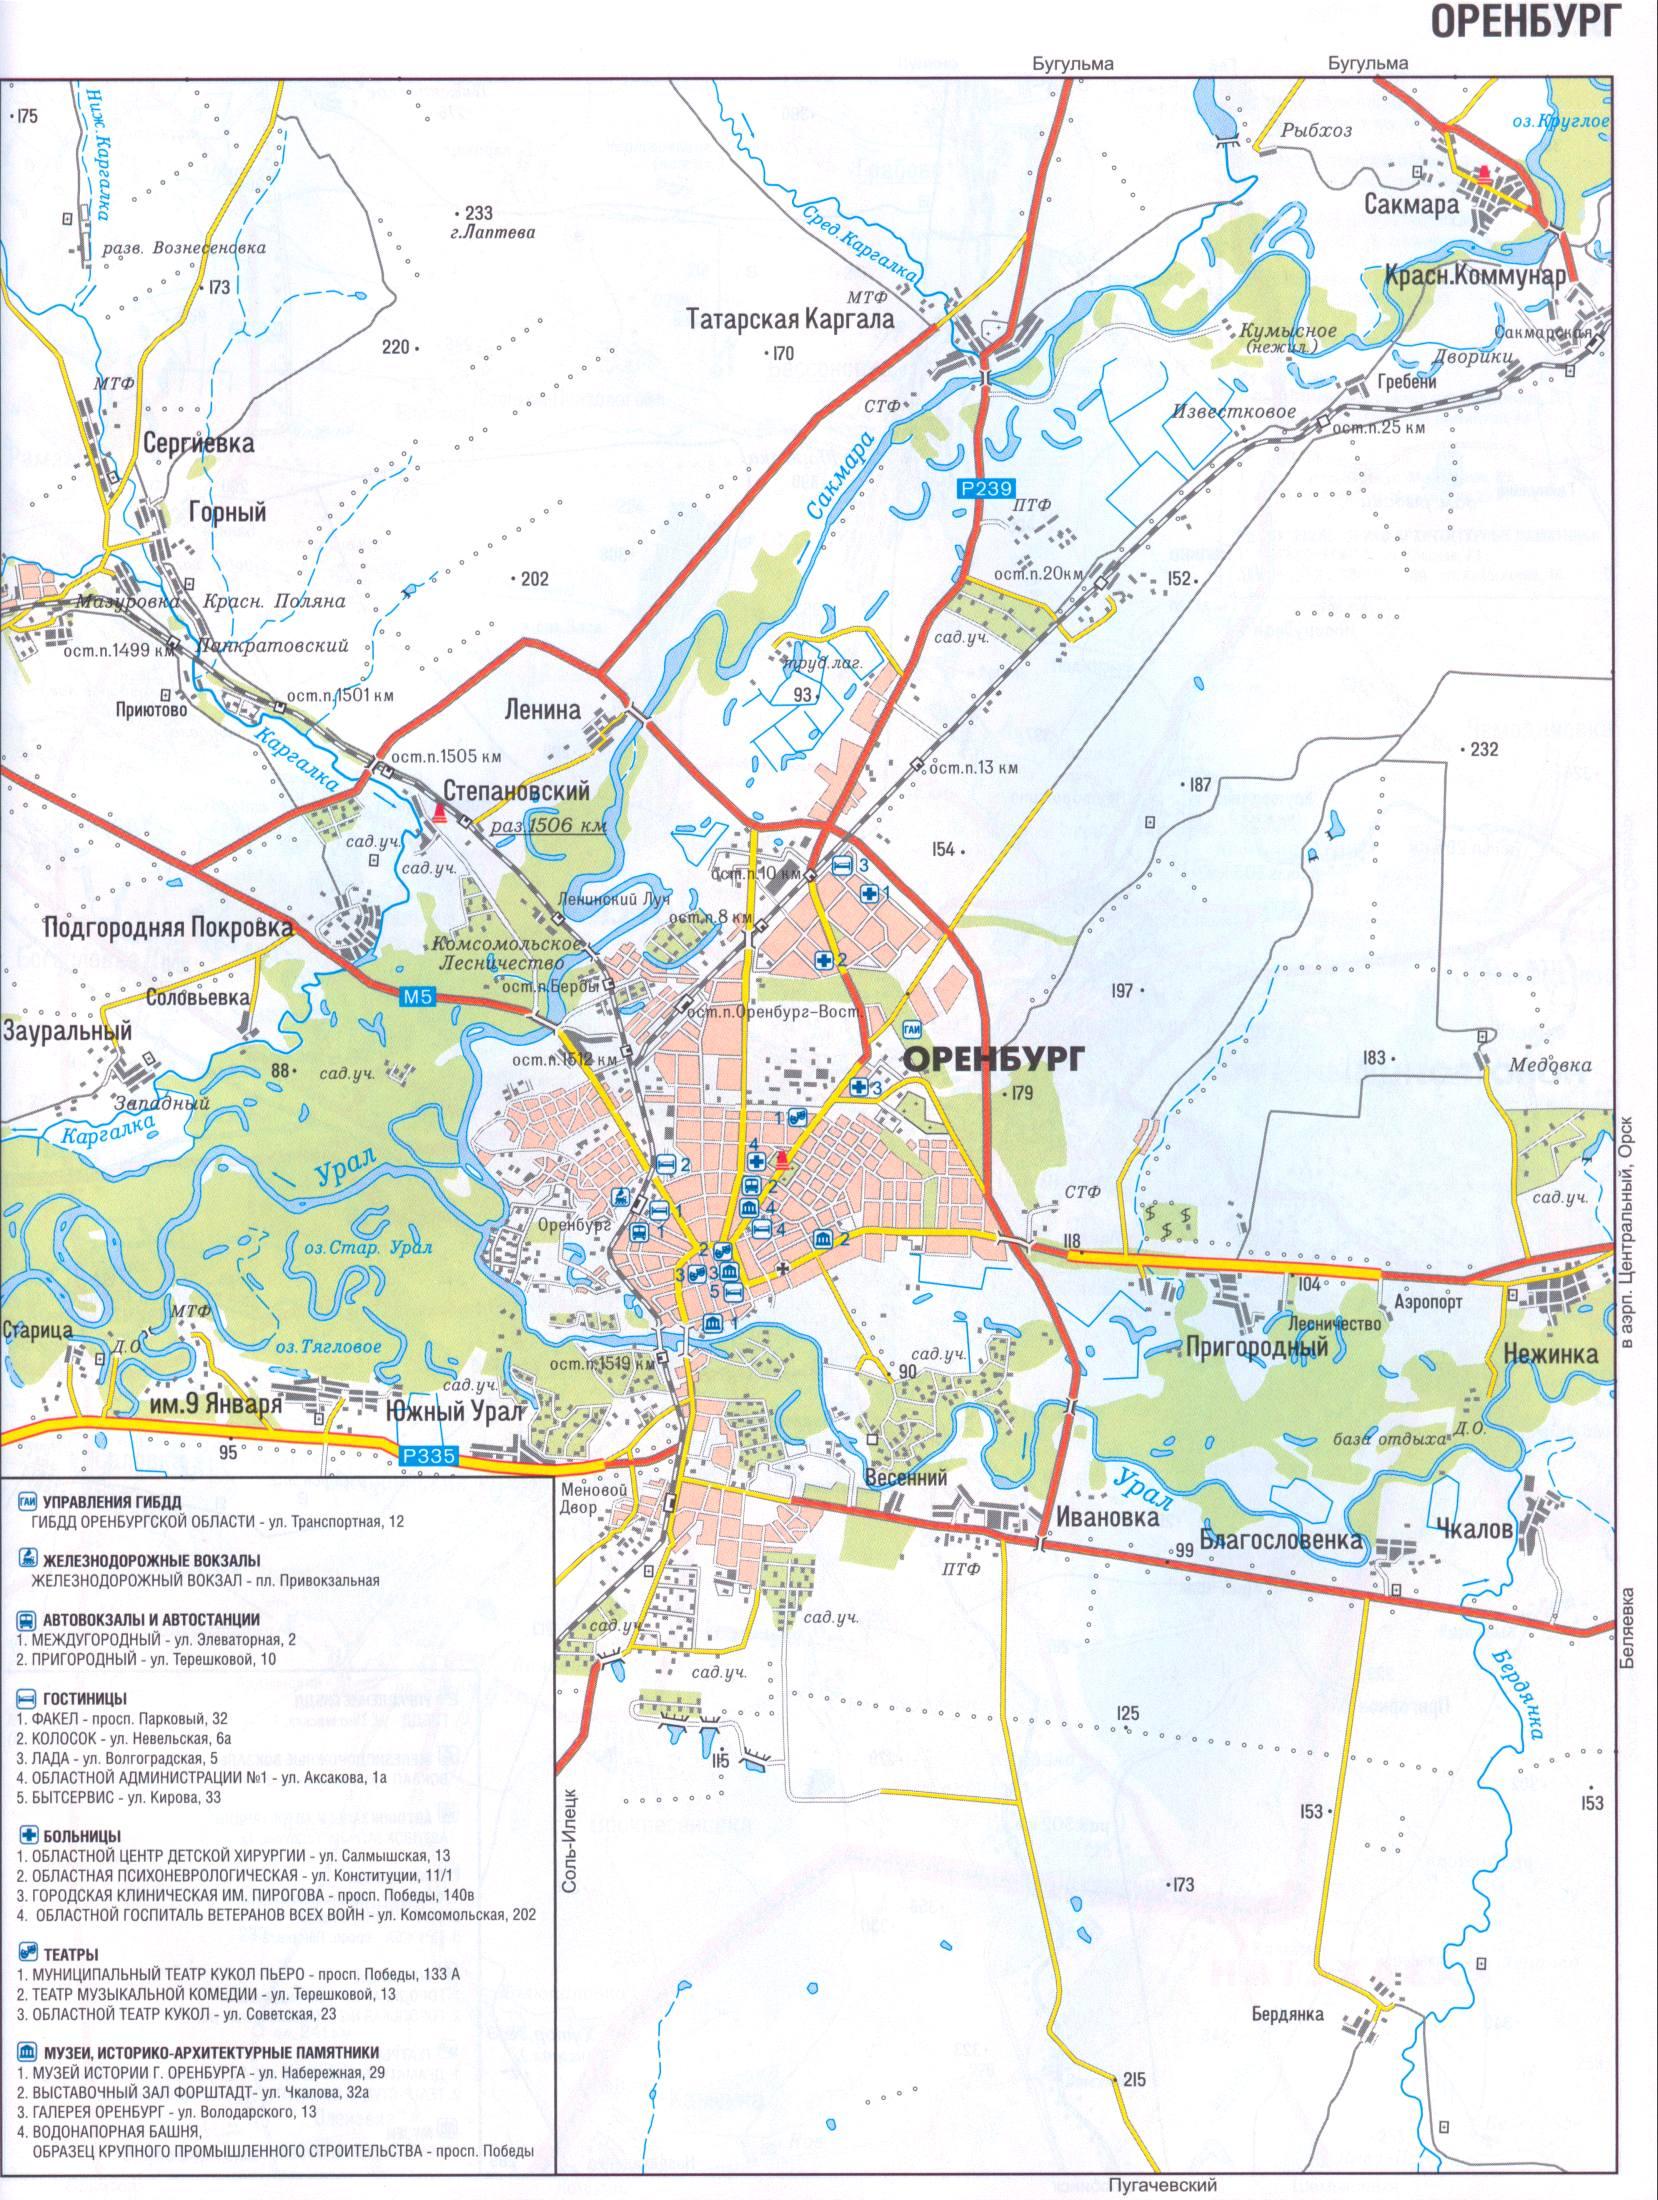 План схема города Оренбурга и окрестностей масштаба 1см:2км.  Скачать карту Оренбурга.